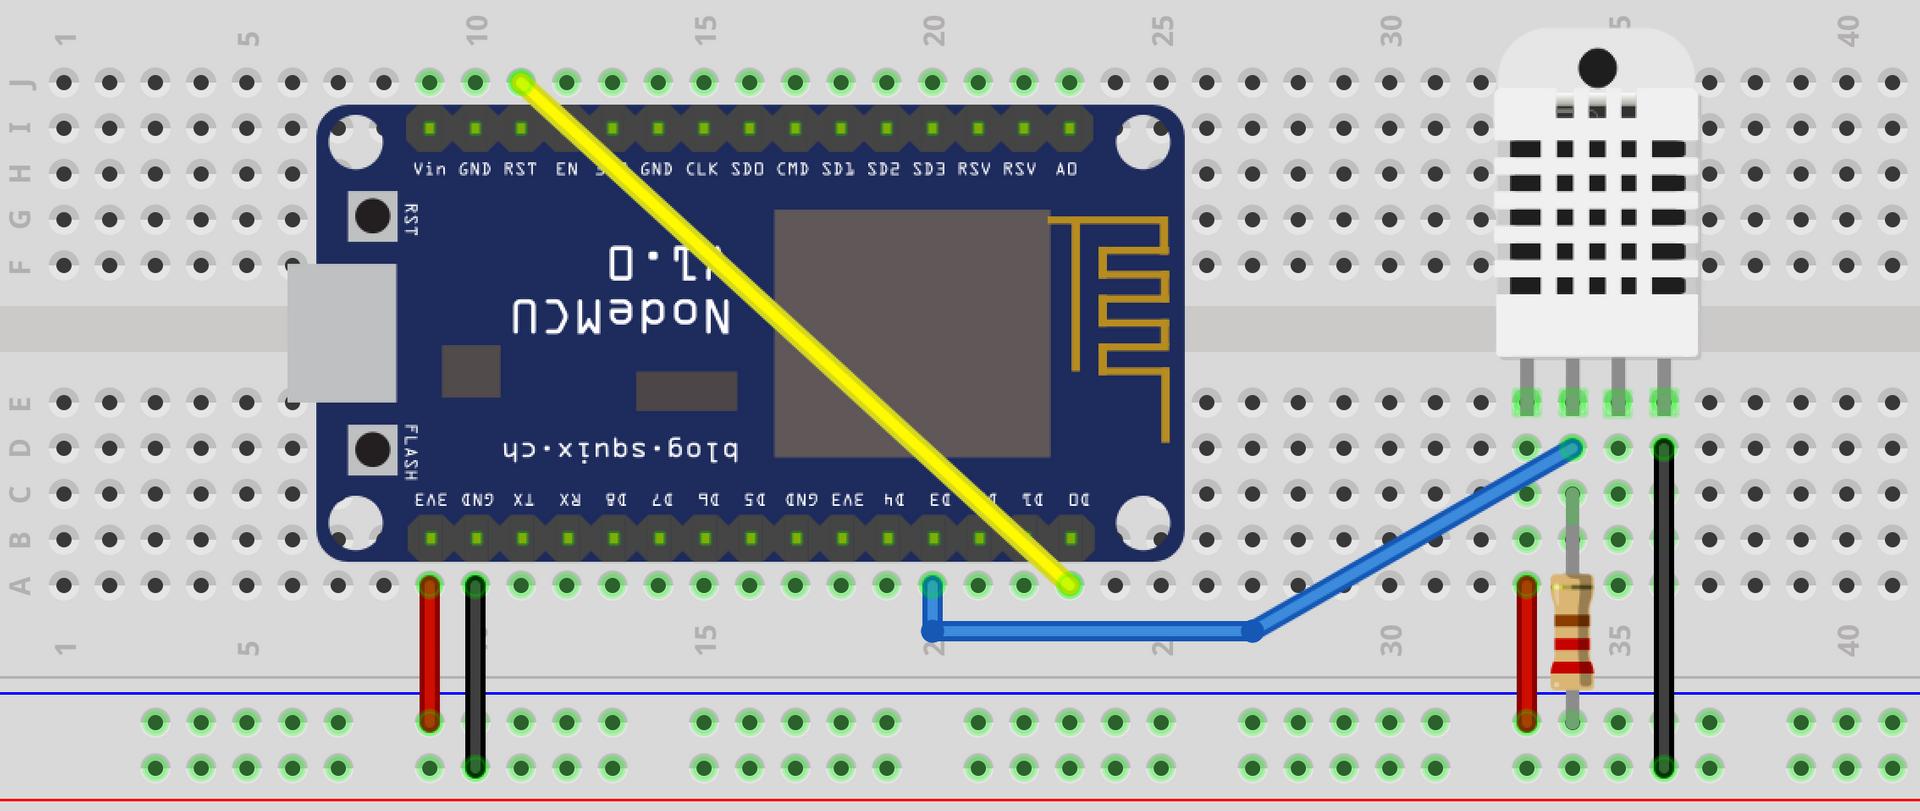 esp8266-nodemcu-dht22-mqtt-deep-sleep-feature.png